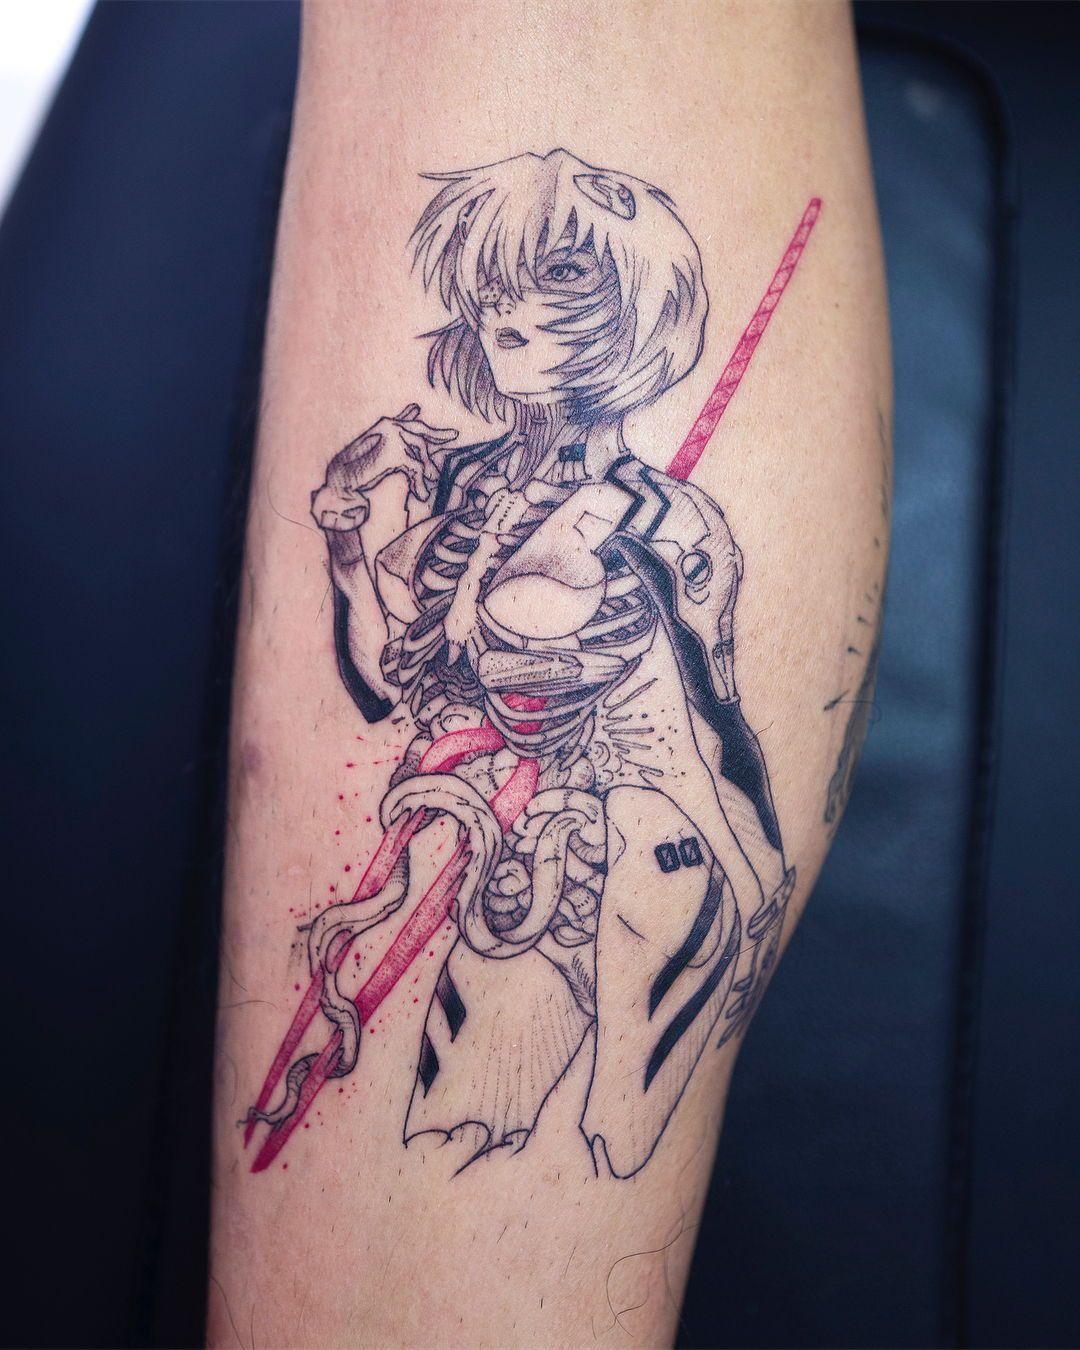 Tattoo Artist Oozy South Korean Tattoo Artist Oozy Tattoo Artwoonz Evangelion Tattoo Korean Tattoo Artist Tattoo Artists